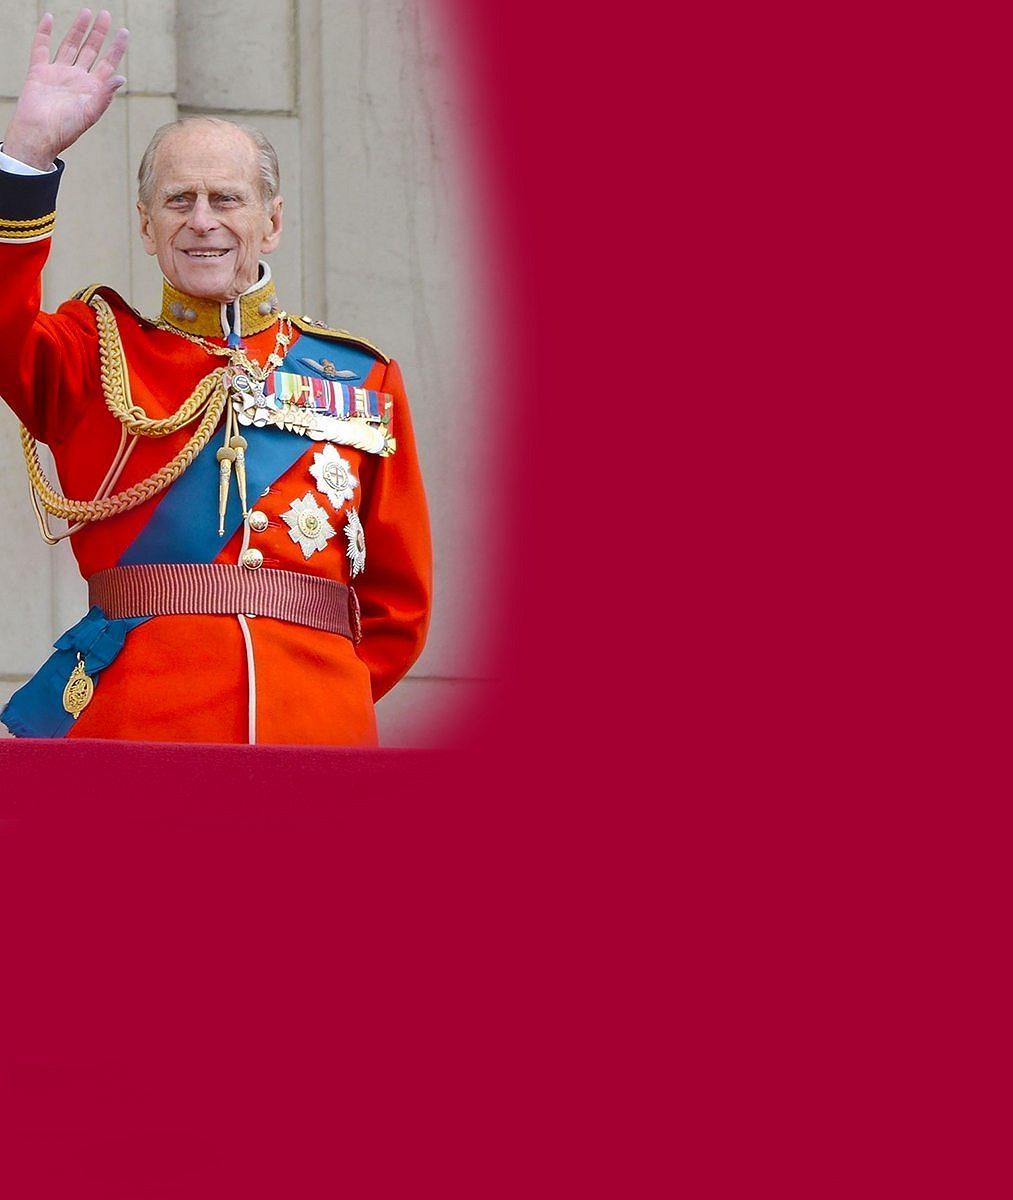 Poslední rozloučení s princem Philipem (✝99). William a Harry podle očekávání nestáli vedle sebe